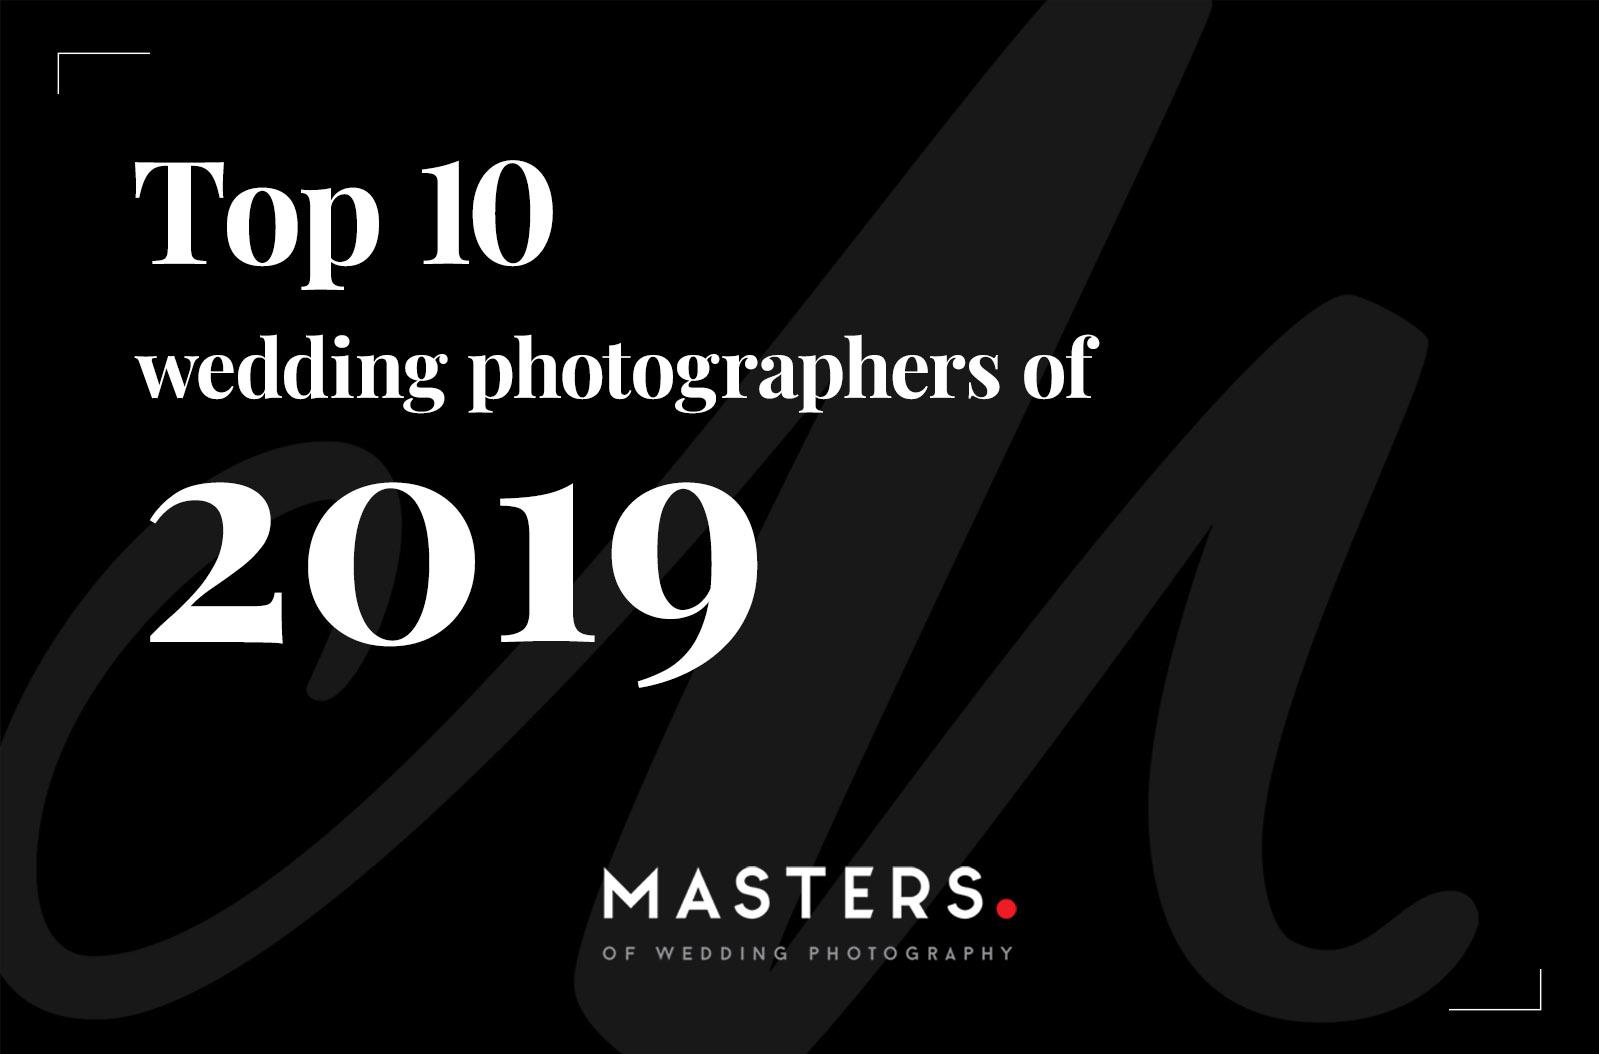 Top 10 Hochzeitsfotografen des Jahres 2019